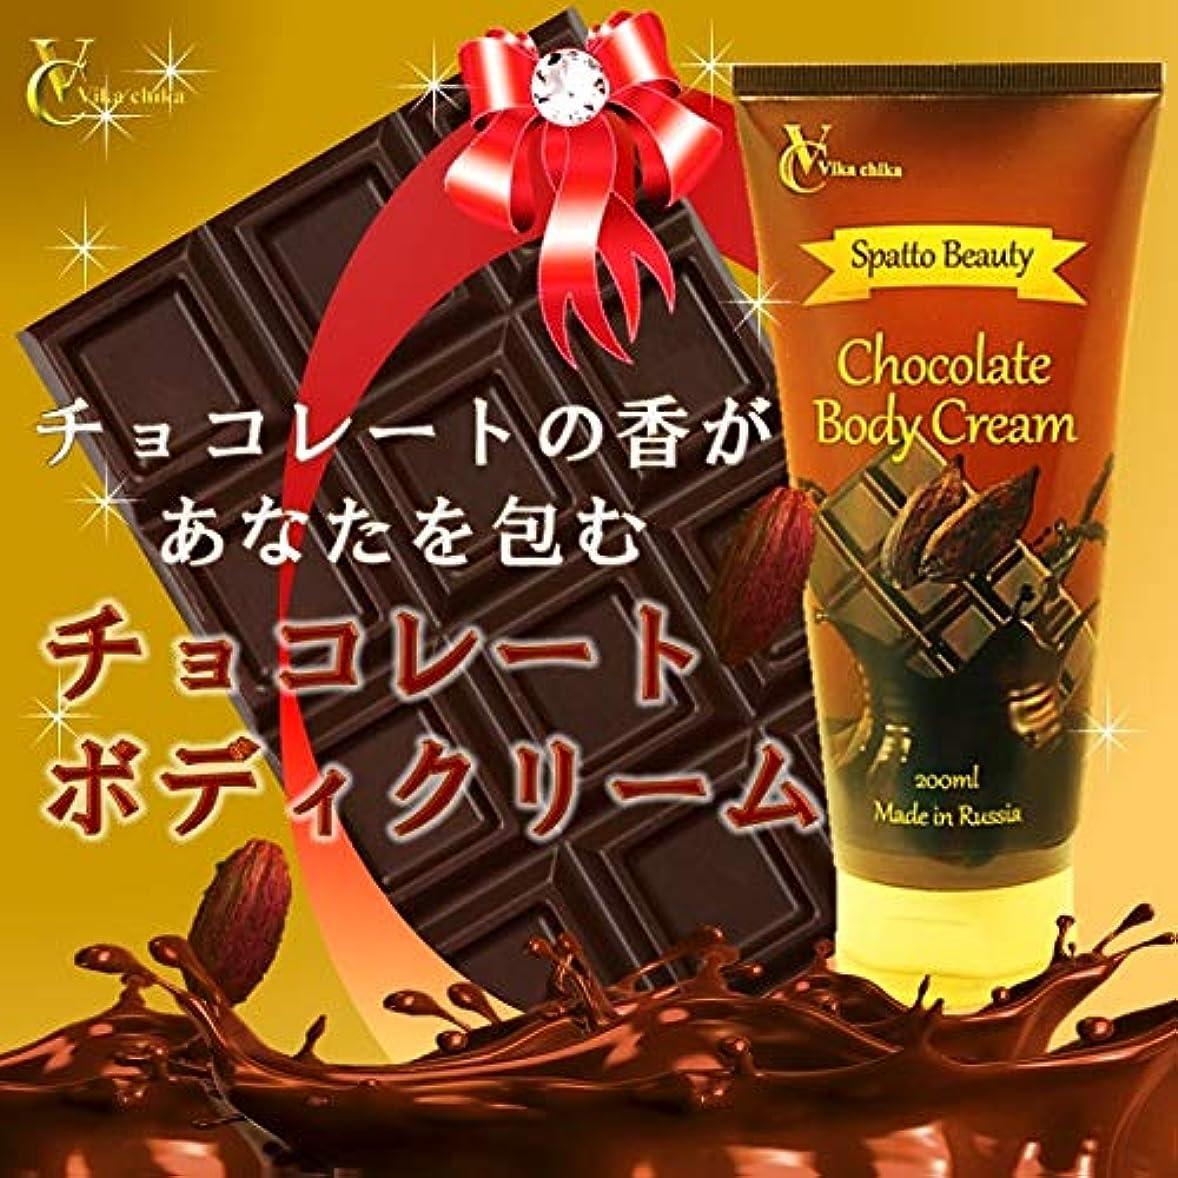 後世少なくとも退化するビッカチカ スパッと ビューティ チョコレートボディクリーム 200ml